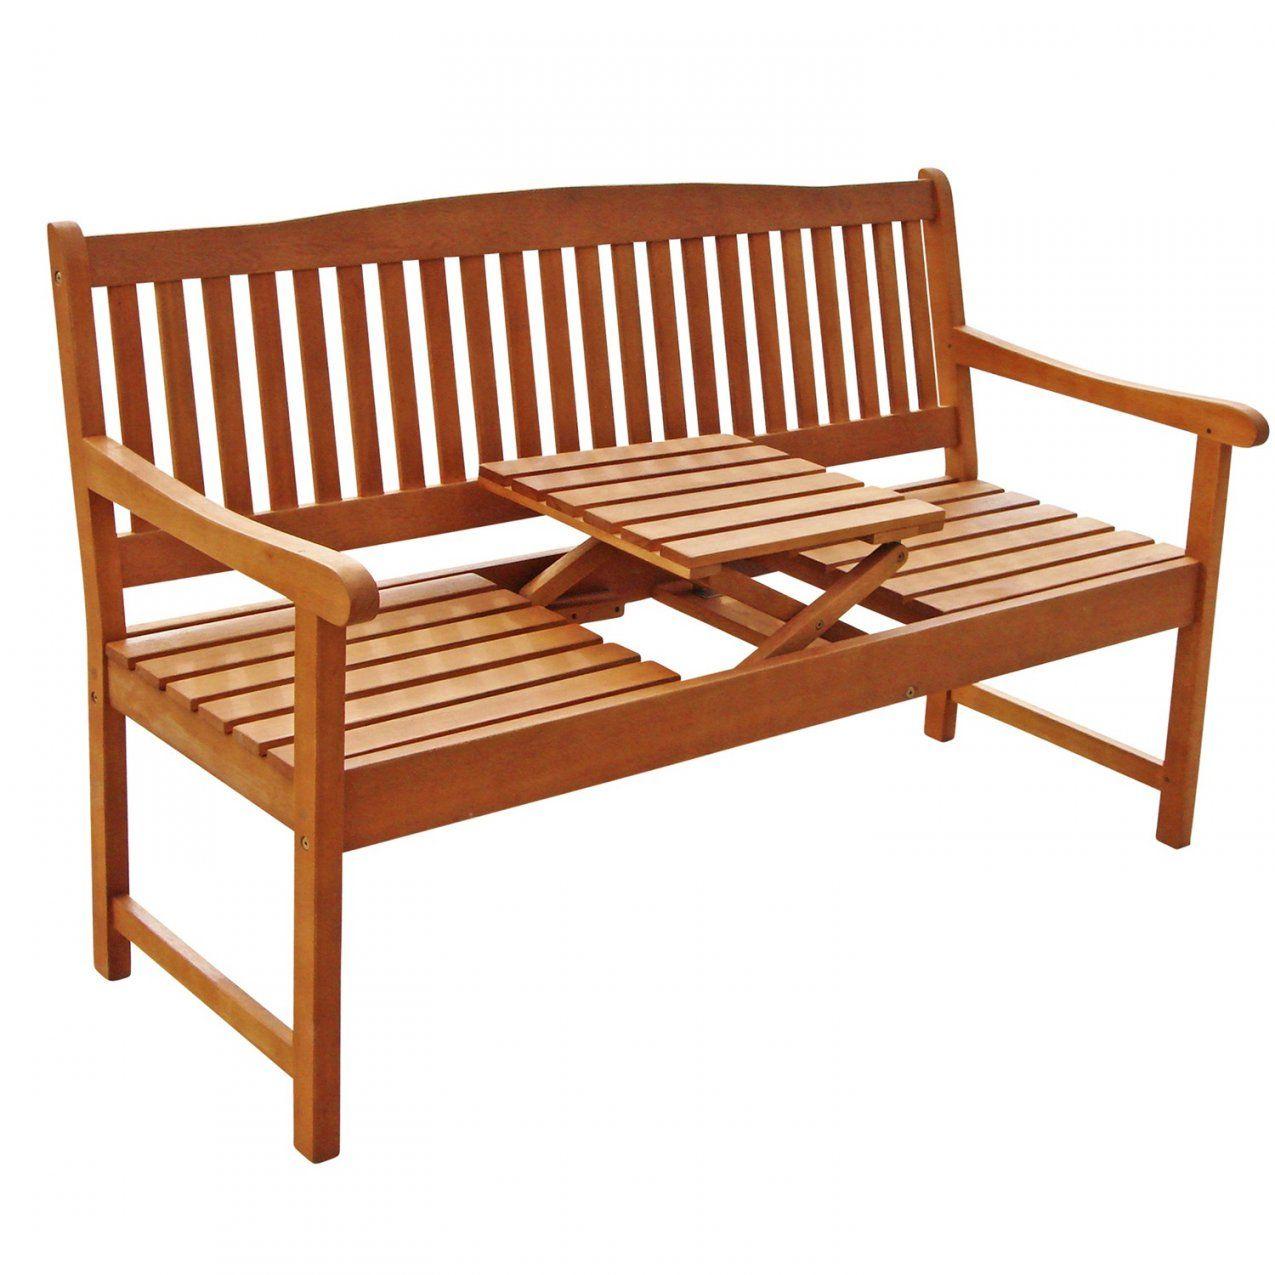 Gartenbank Mit Integriertem Klapptisch Aus Holz Ideal Für Picknick von Gartenbank Mit Integriertem Tisch Photo